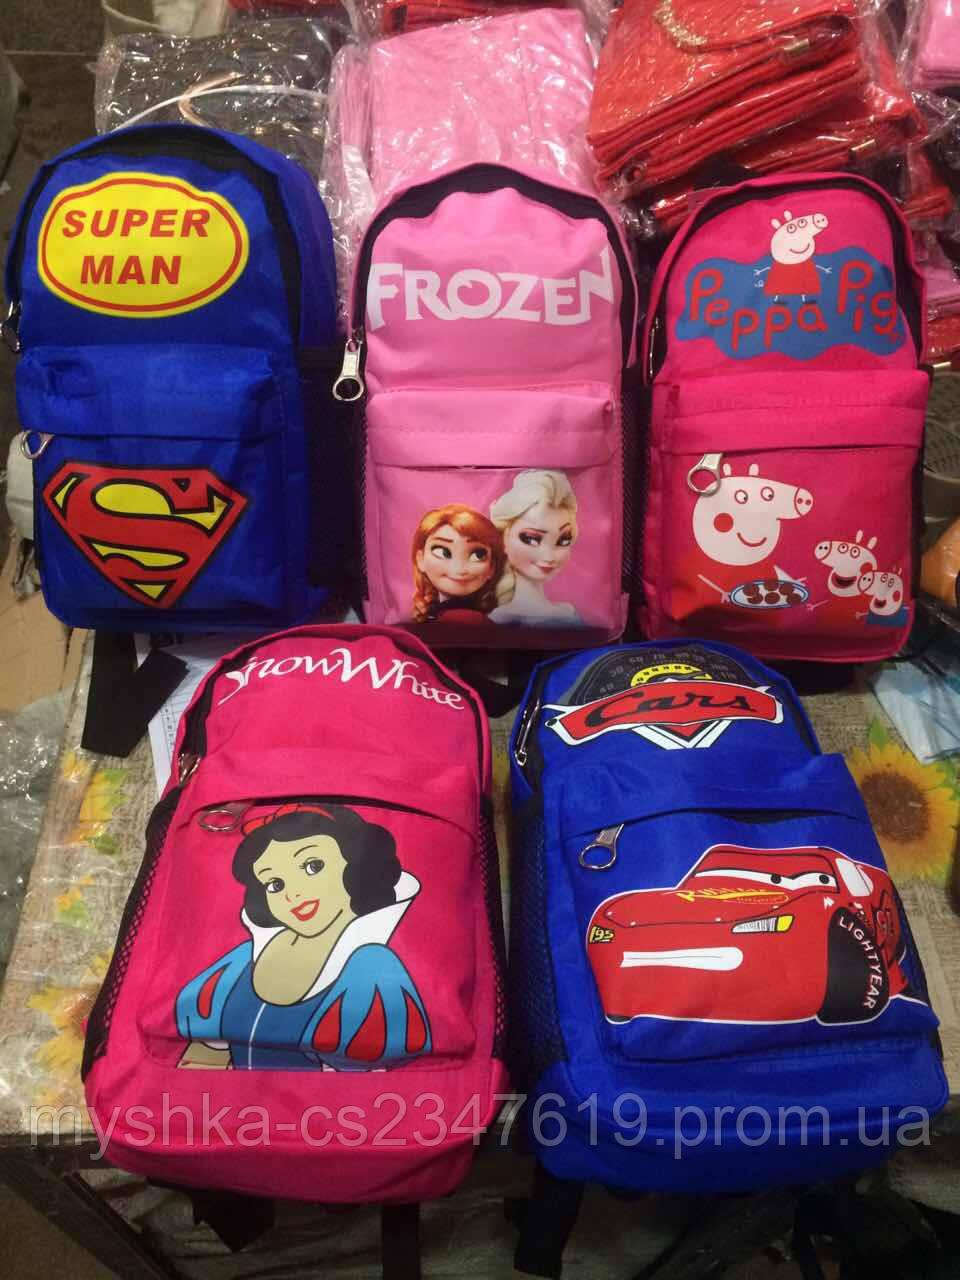 Детские рюкзаки для мальчика и девочки 4366c1f60c999